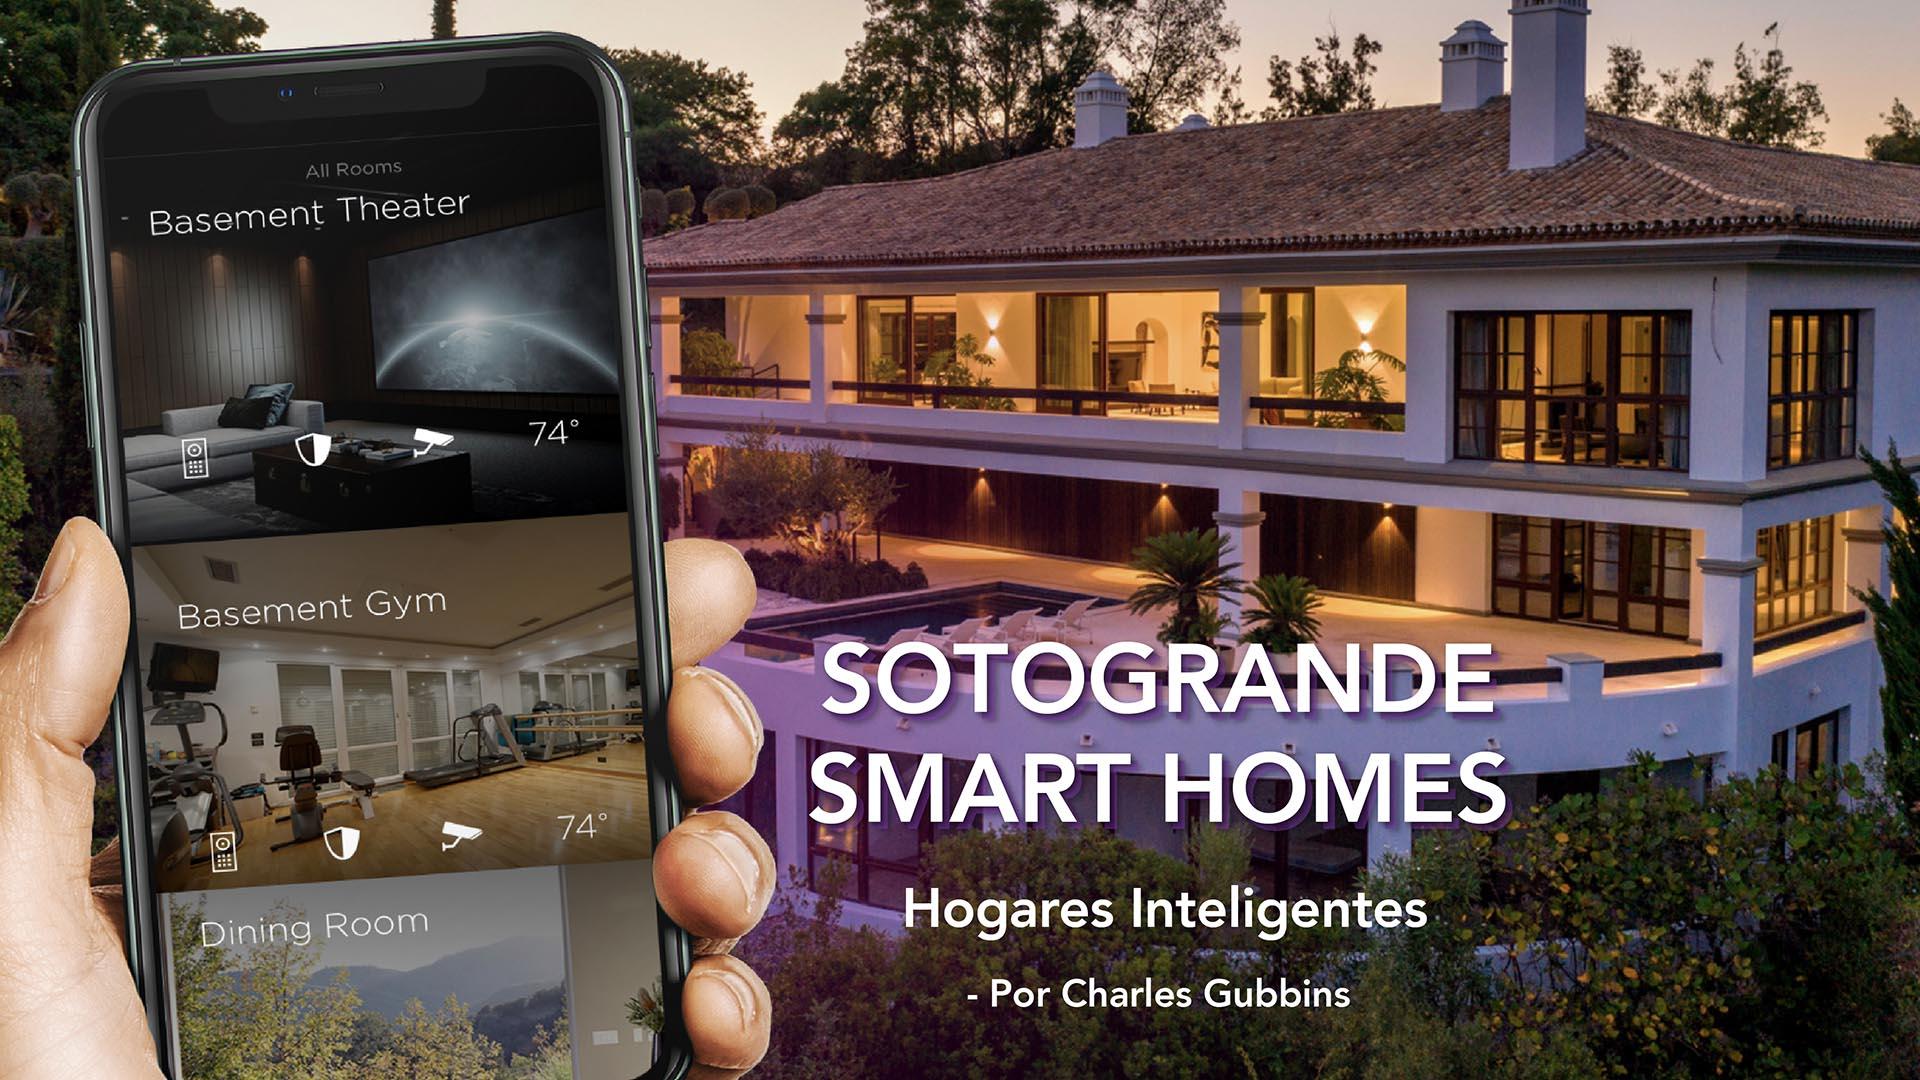 Sotogrande smart homes - Mockup Designed by mockup.store - Freepik